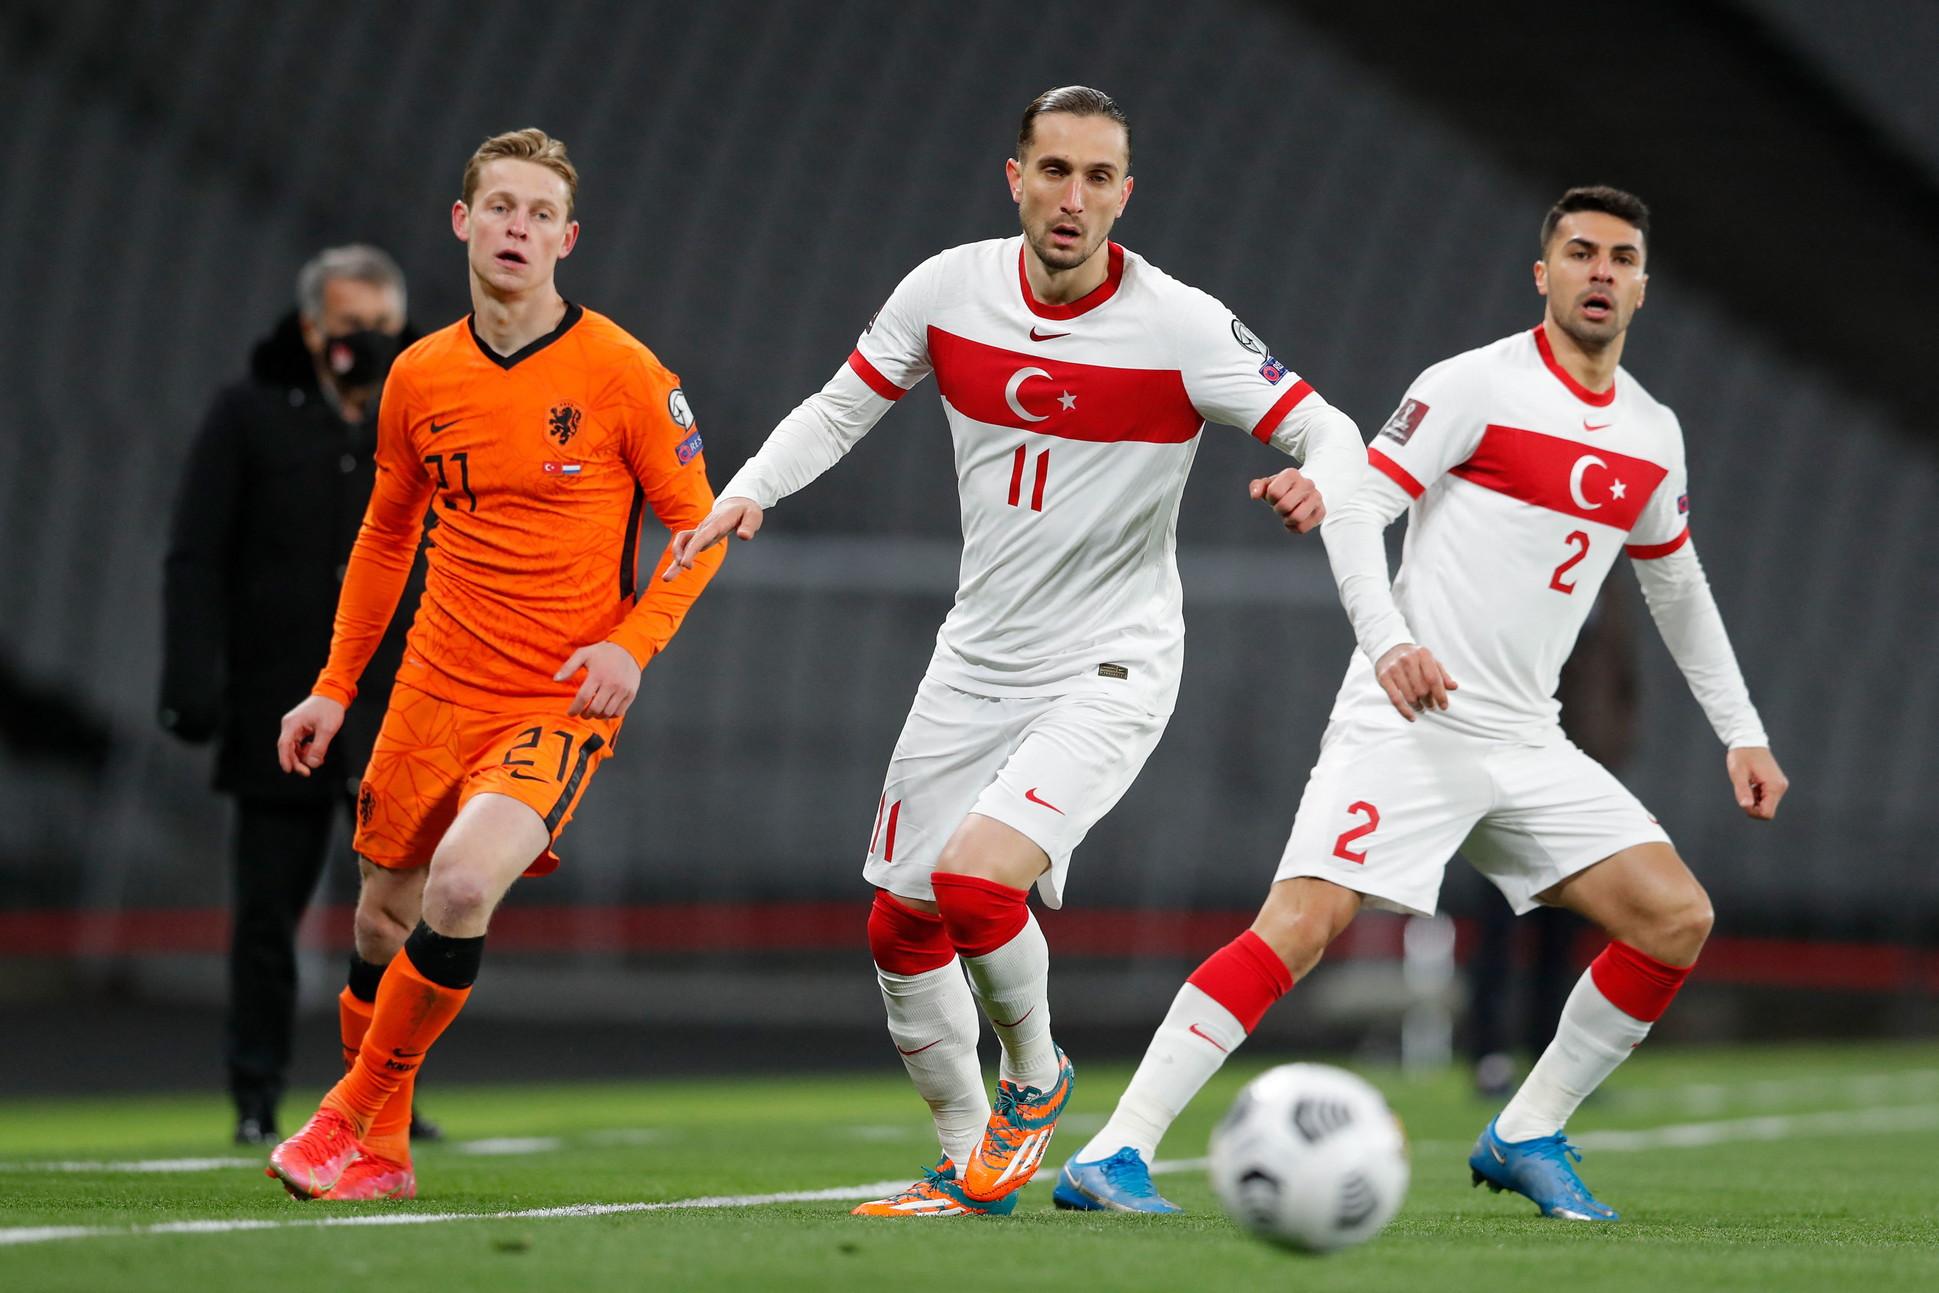 Turchia-Olanda 4-2, le migliori foto del match.<br /><br />